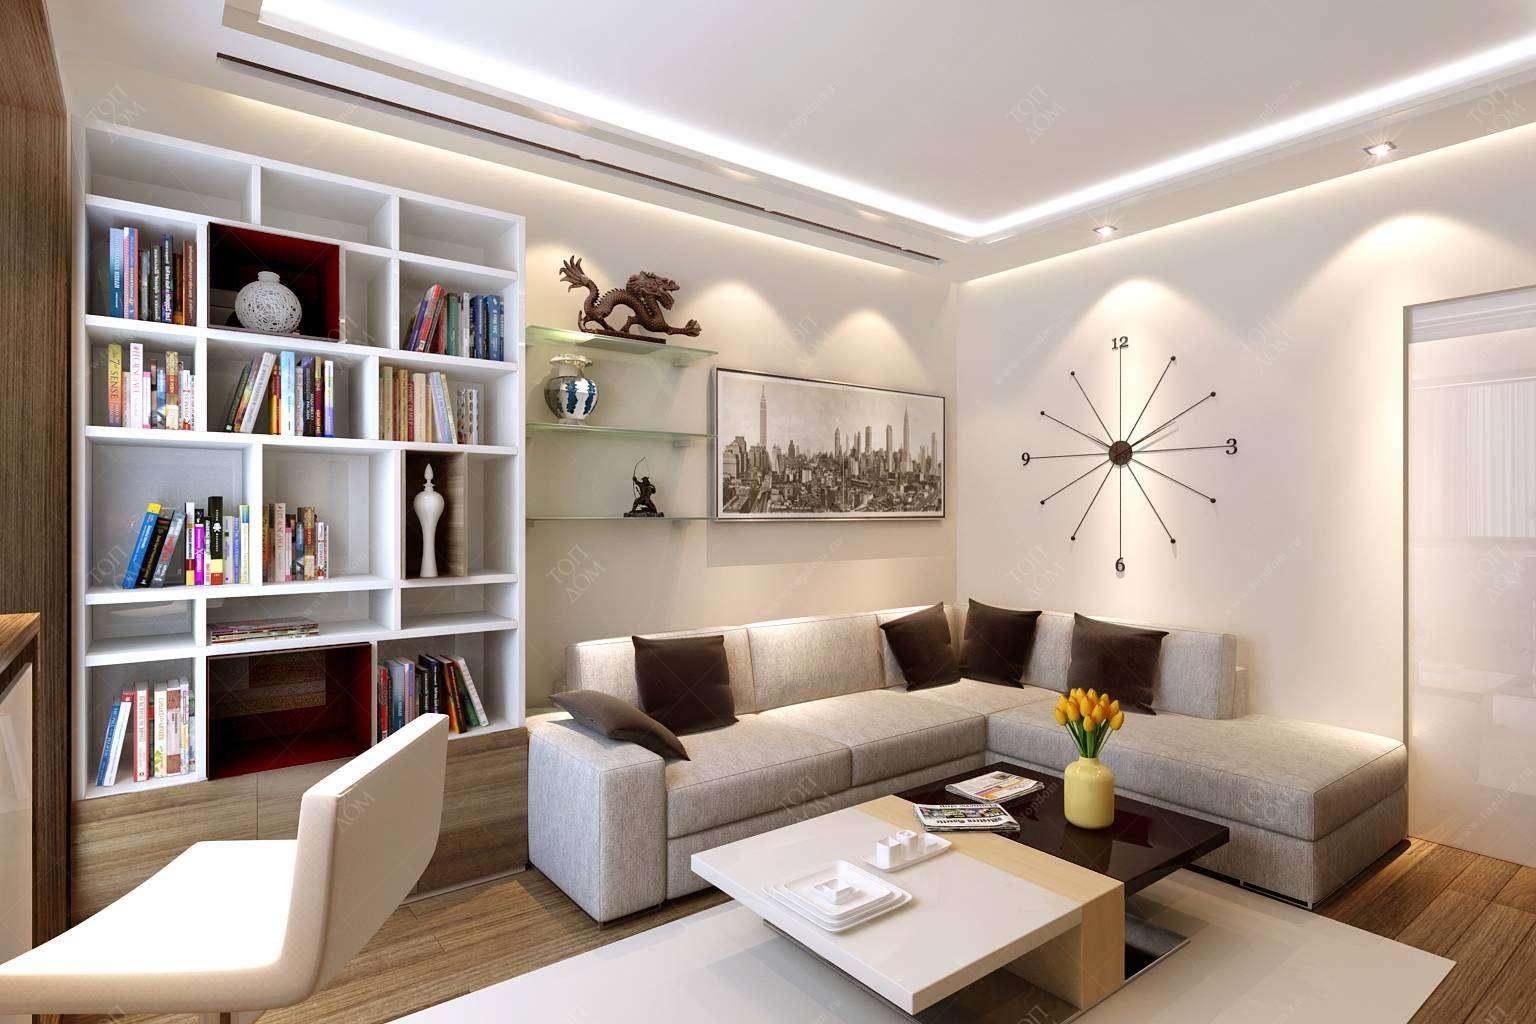 Интерьеры квартир в современном стиле: фото и примеры оформления